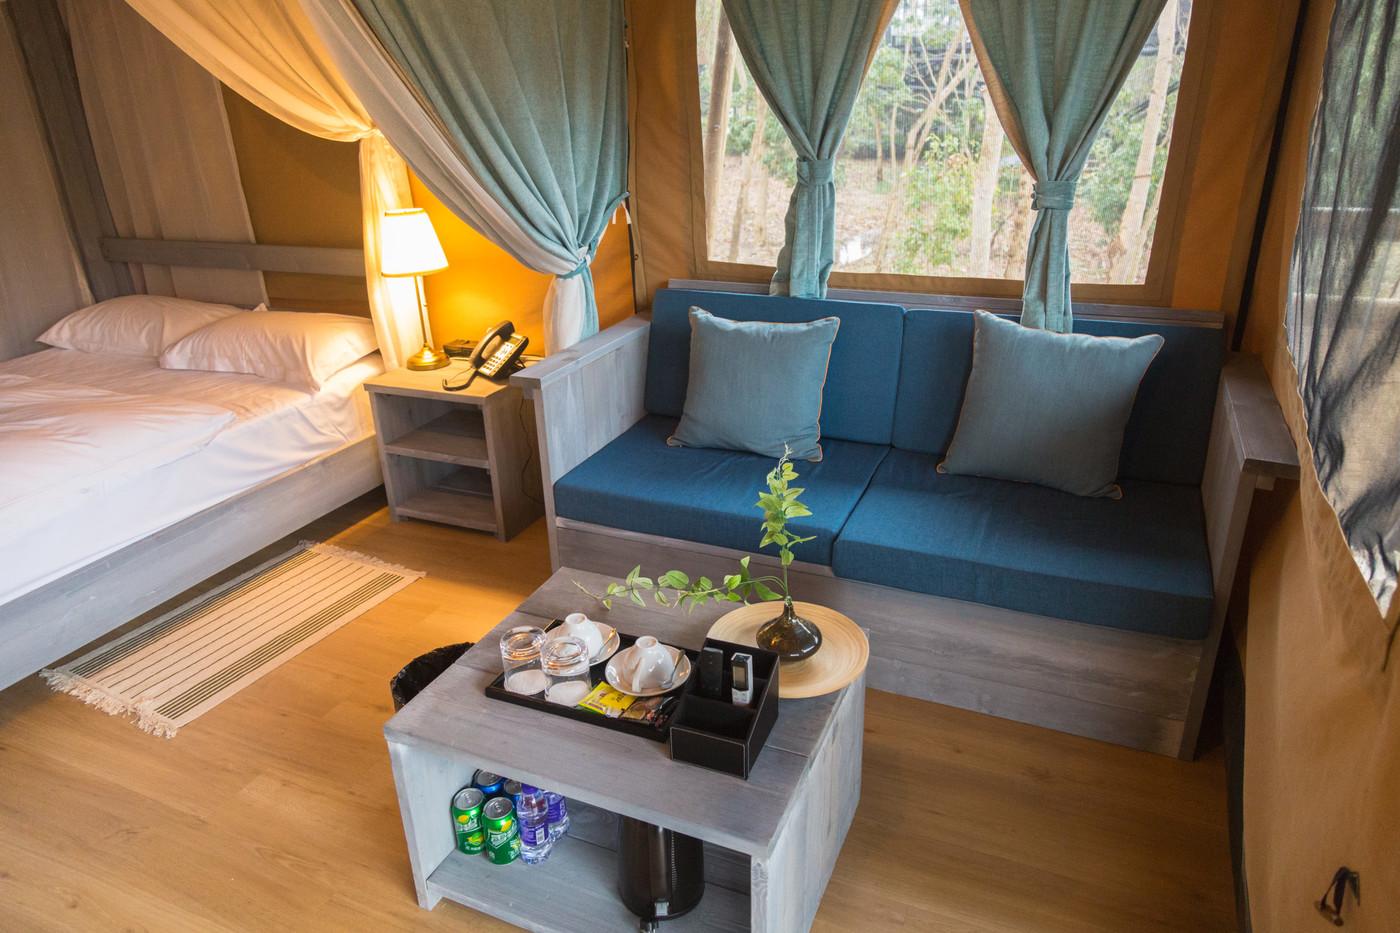 喜马拉雅上海迪士尼邻家营地子母房平地帐篷酒店18